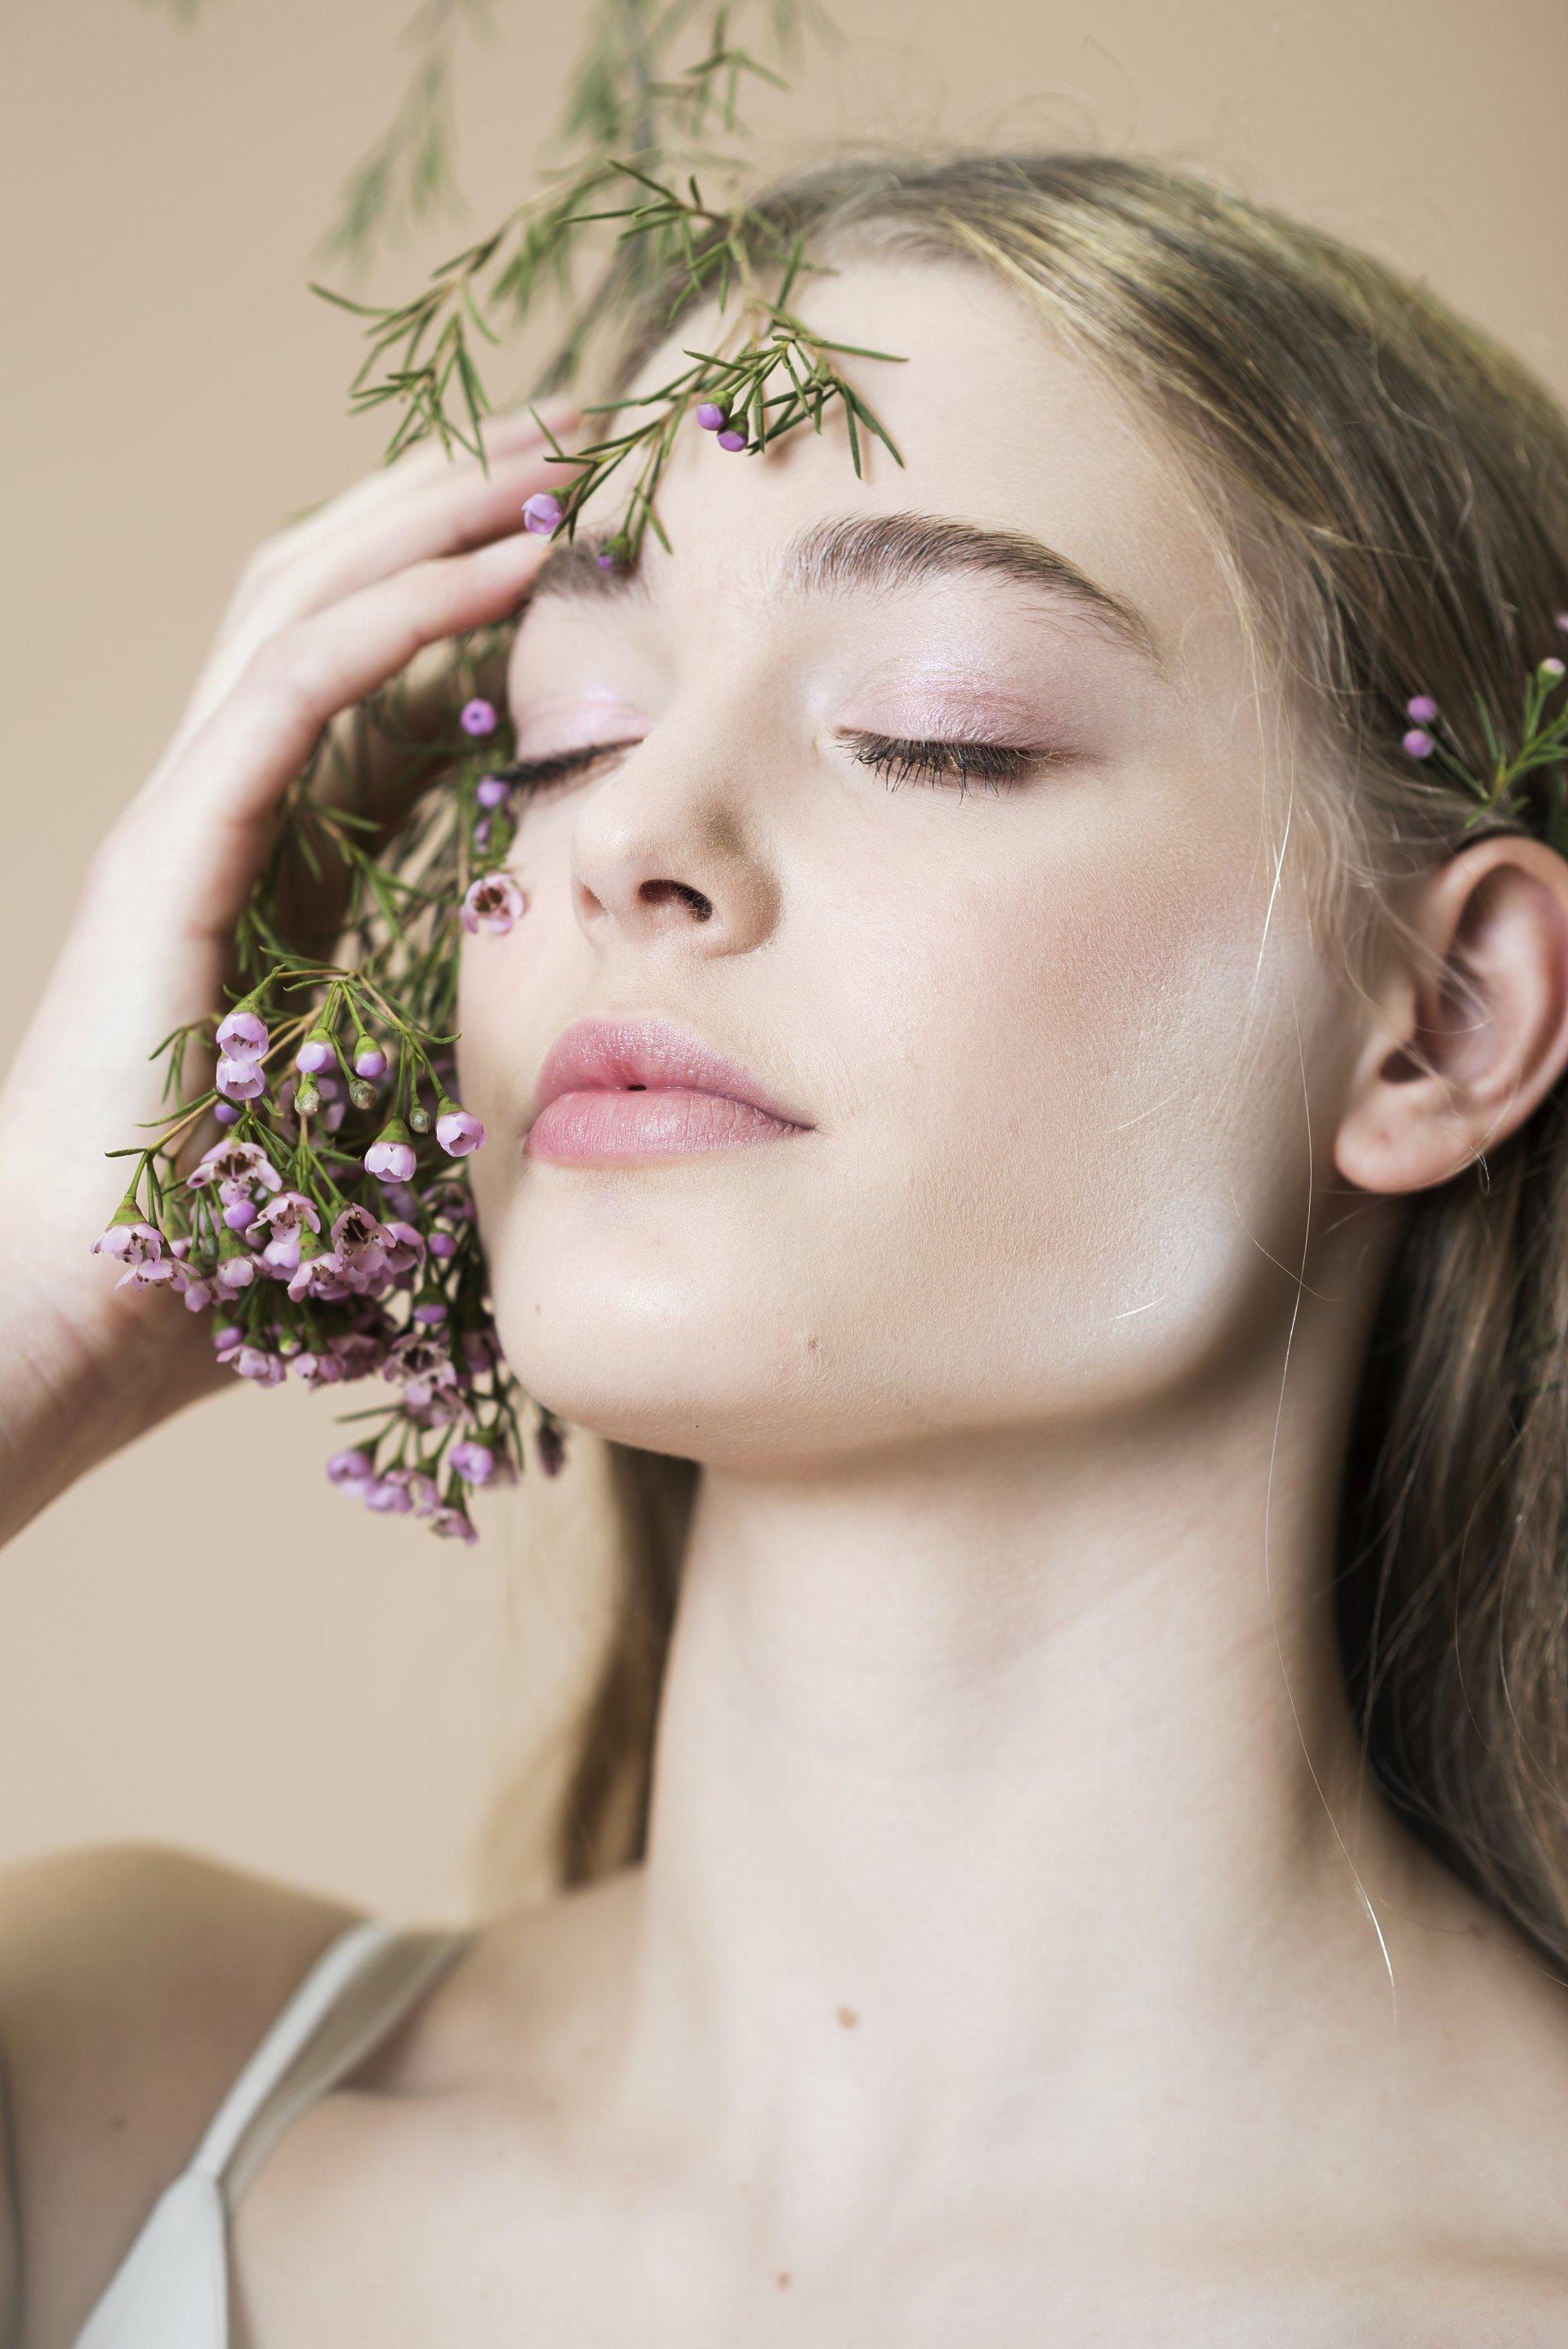 beauty portret Breathing bloemen